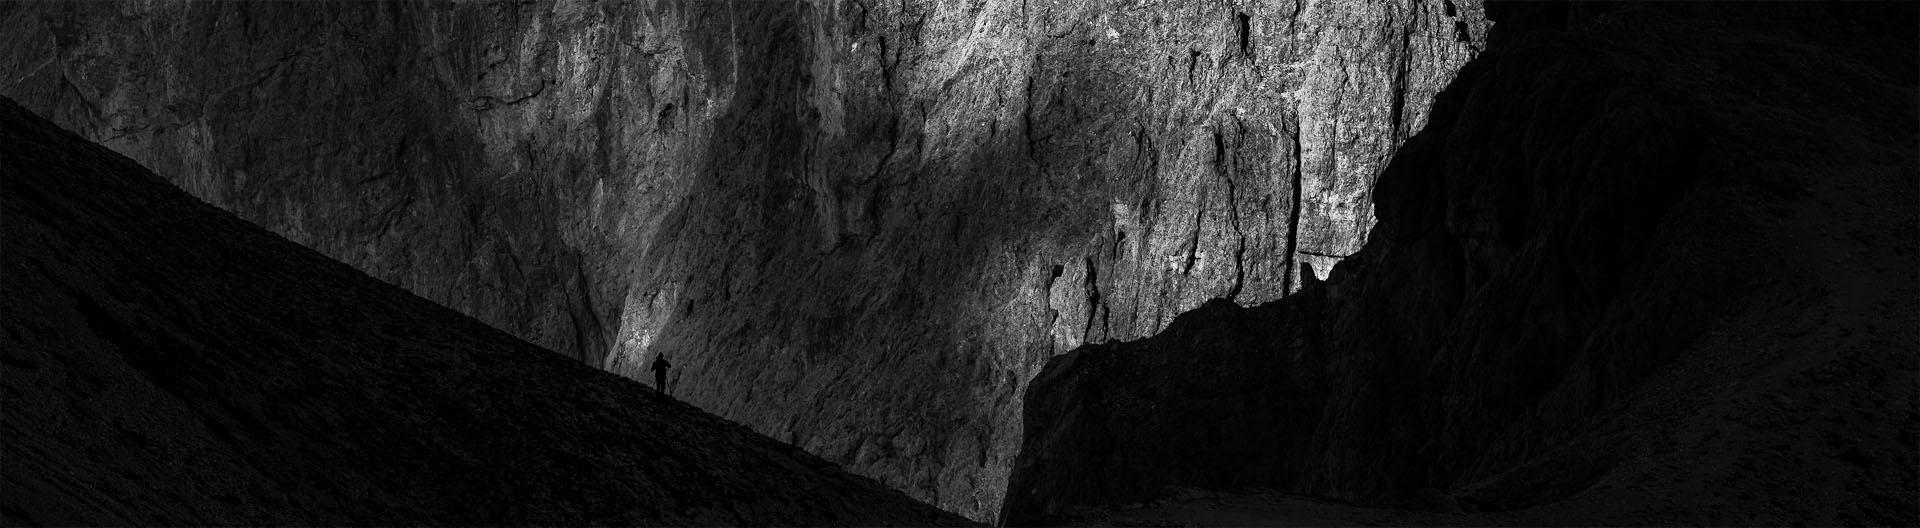 Czarno-białe zdjęcie sylwetki fotografa w Dolomitach na tle gór